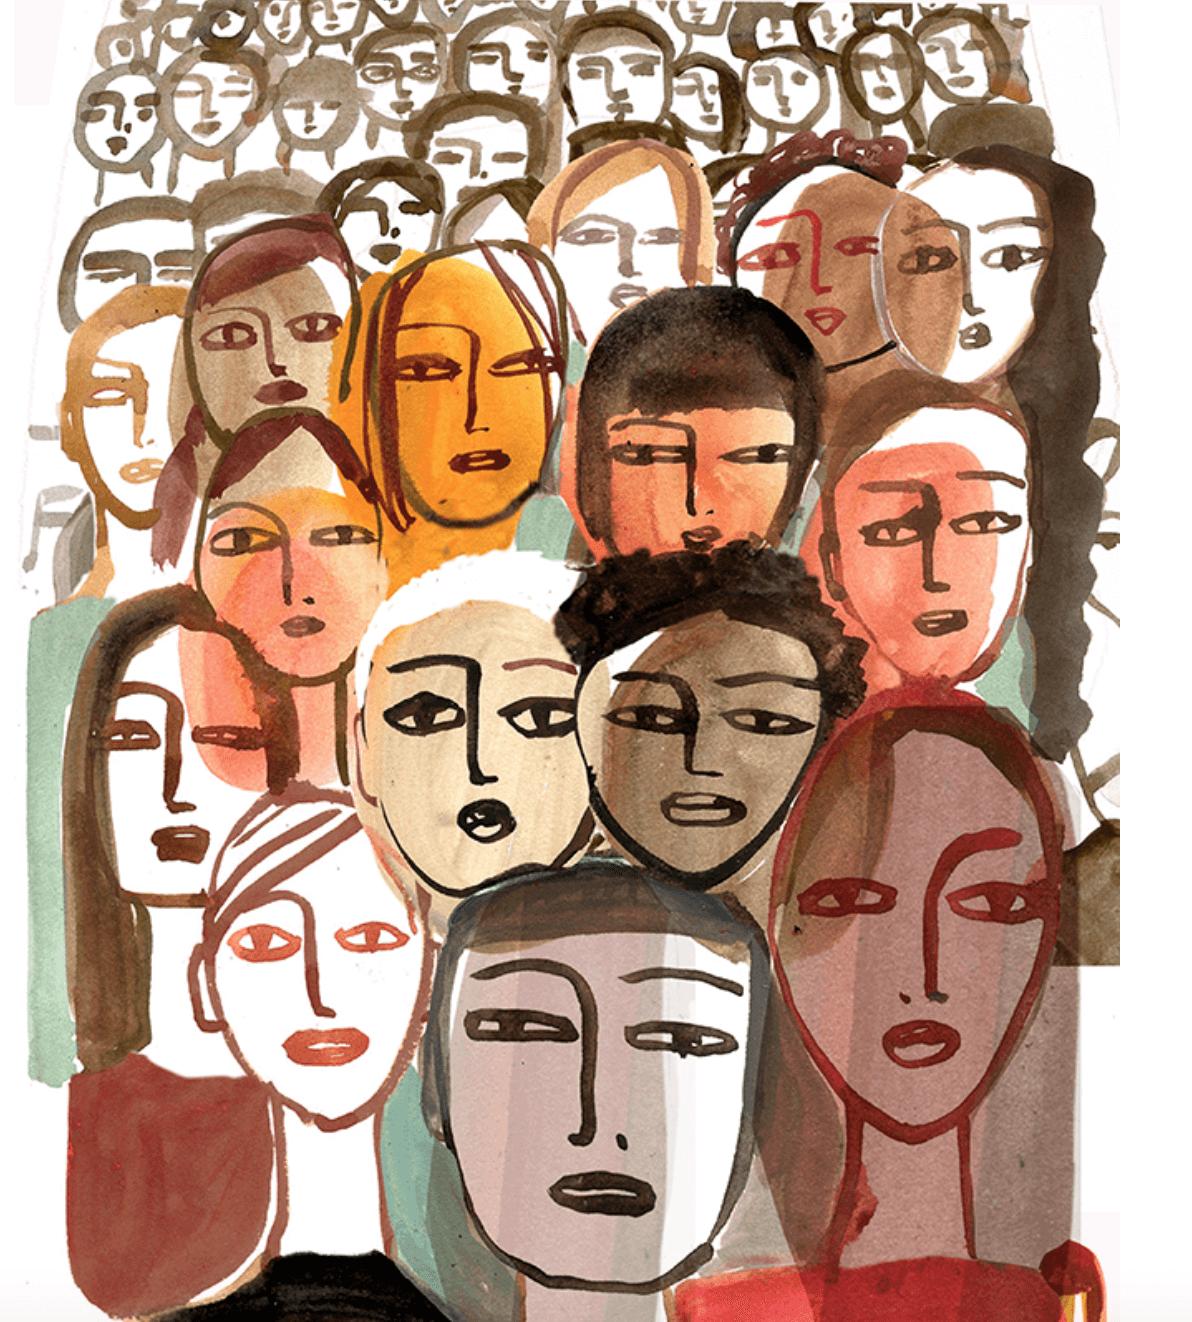 Wise Women Speak - Giving Voice to the Wisdom in Women